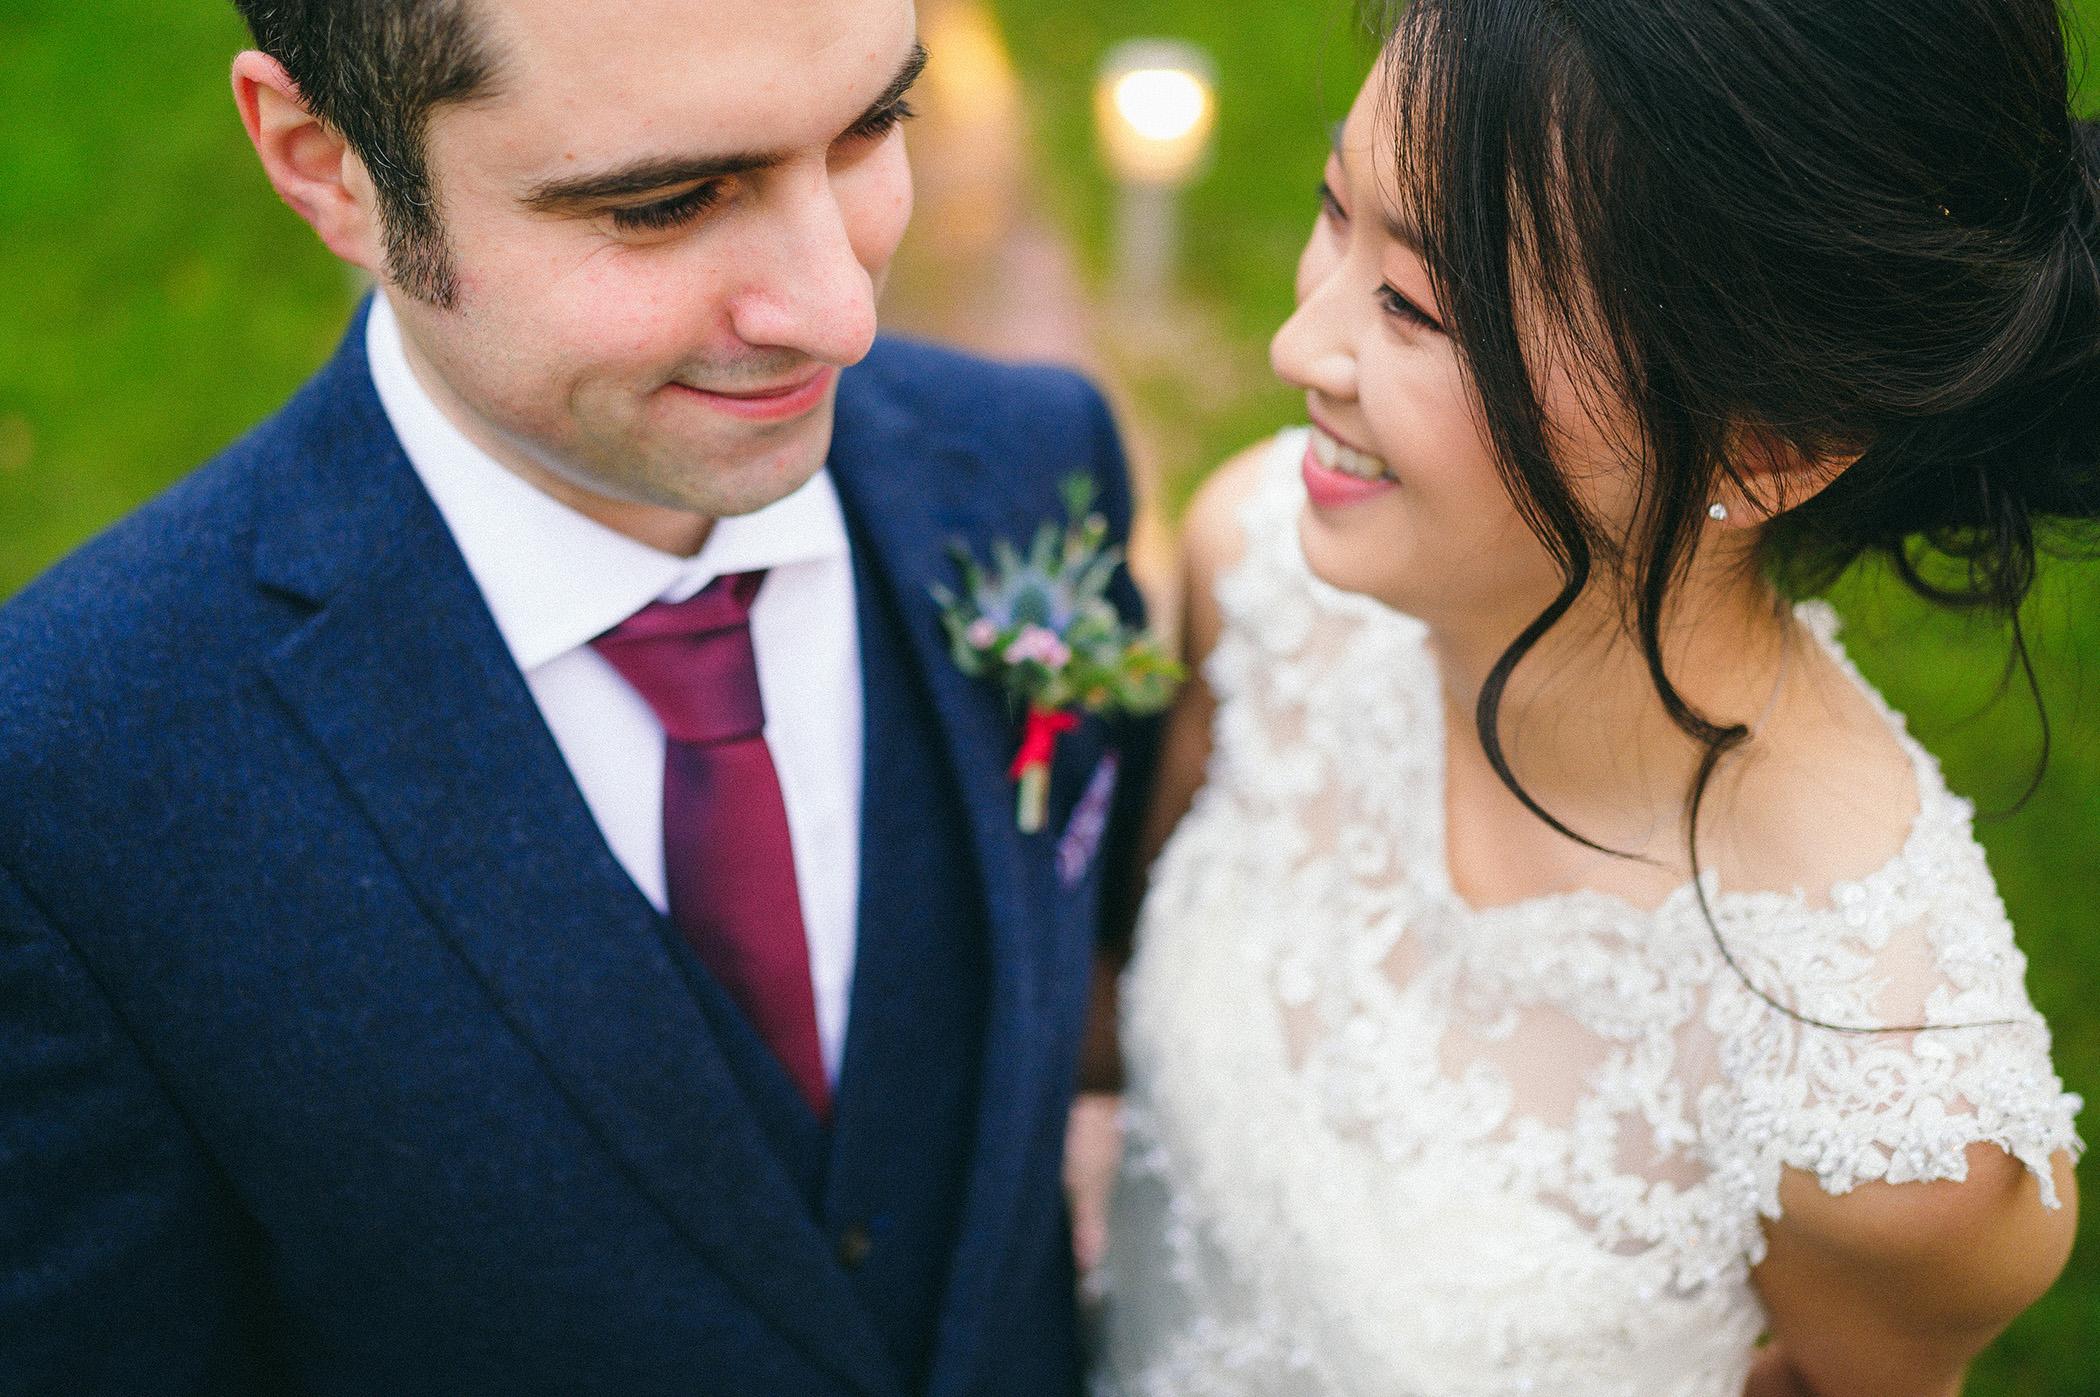 Slaters Wedding Photography